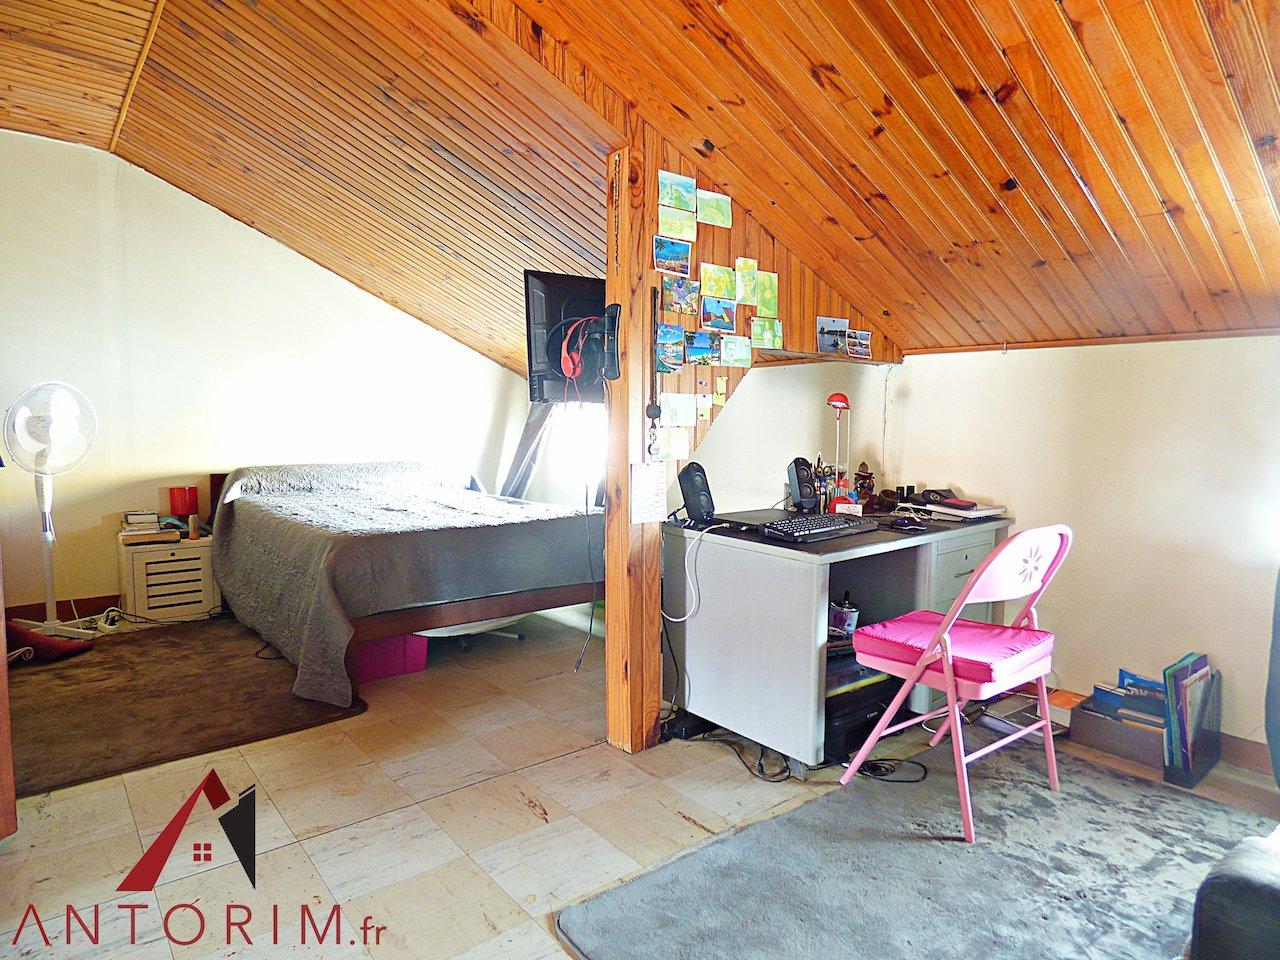 Fort-de-France - Clairière - Maison T8 + 2 studios